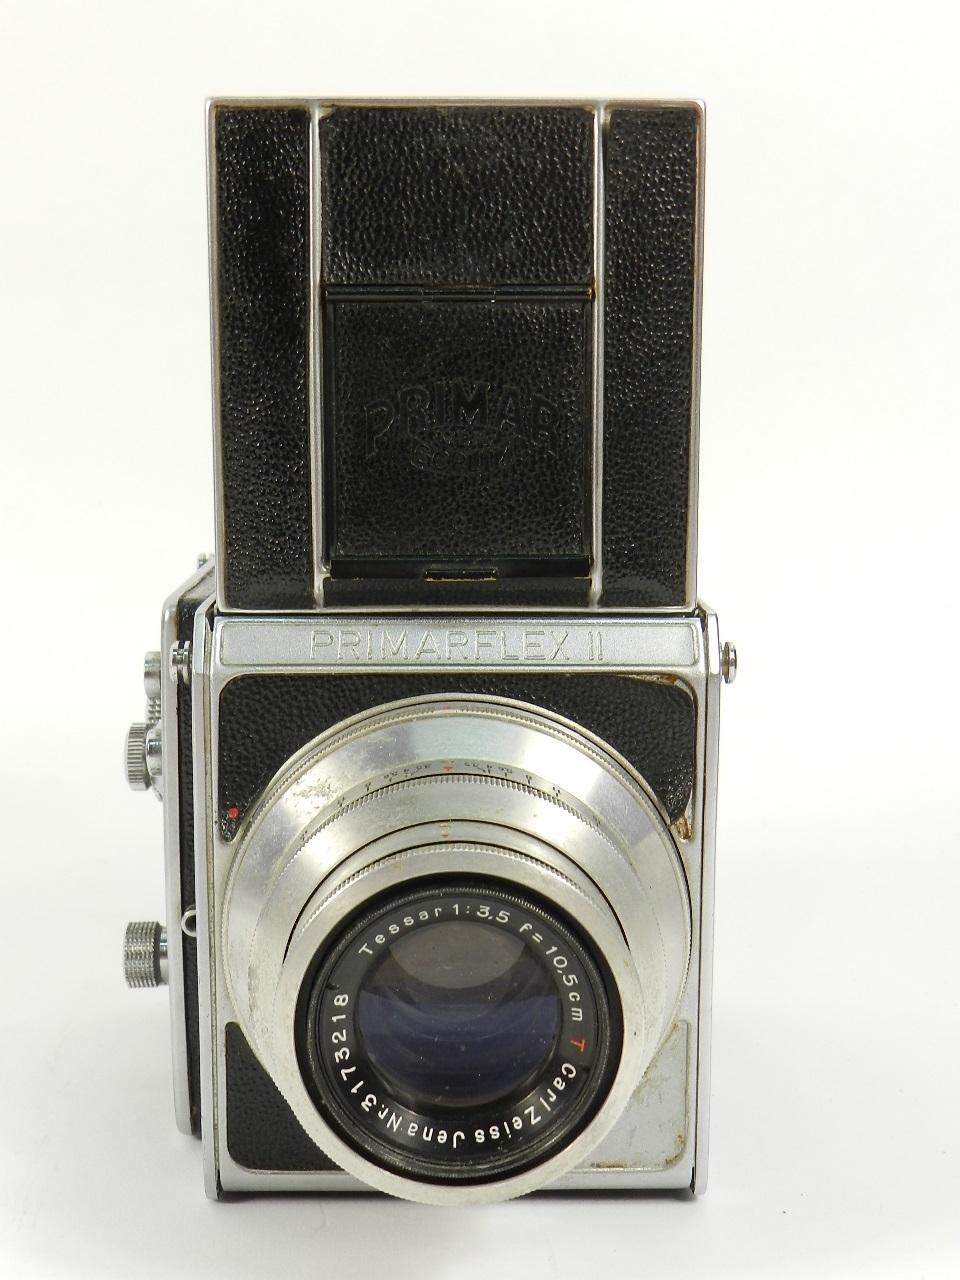 Imagen PRIMARFLEX II  AÑO 1952 37698